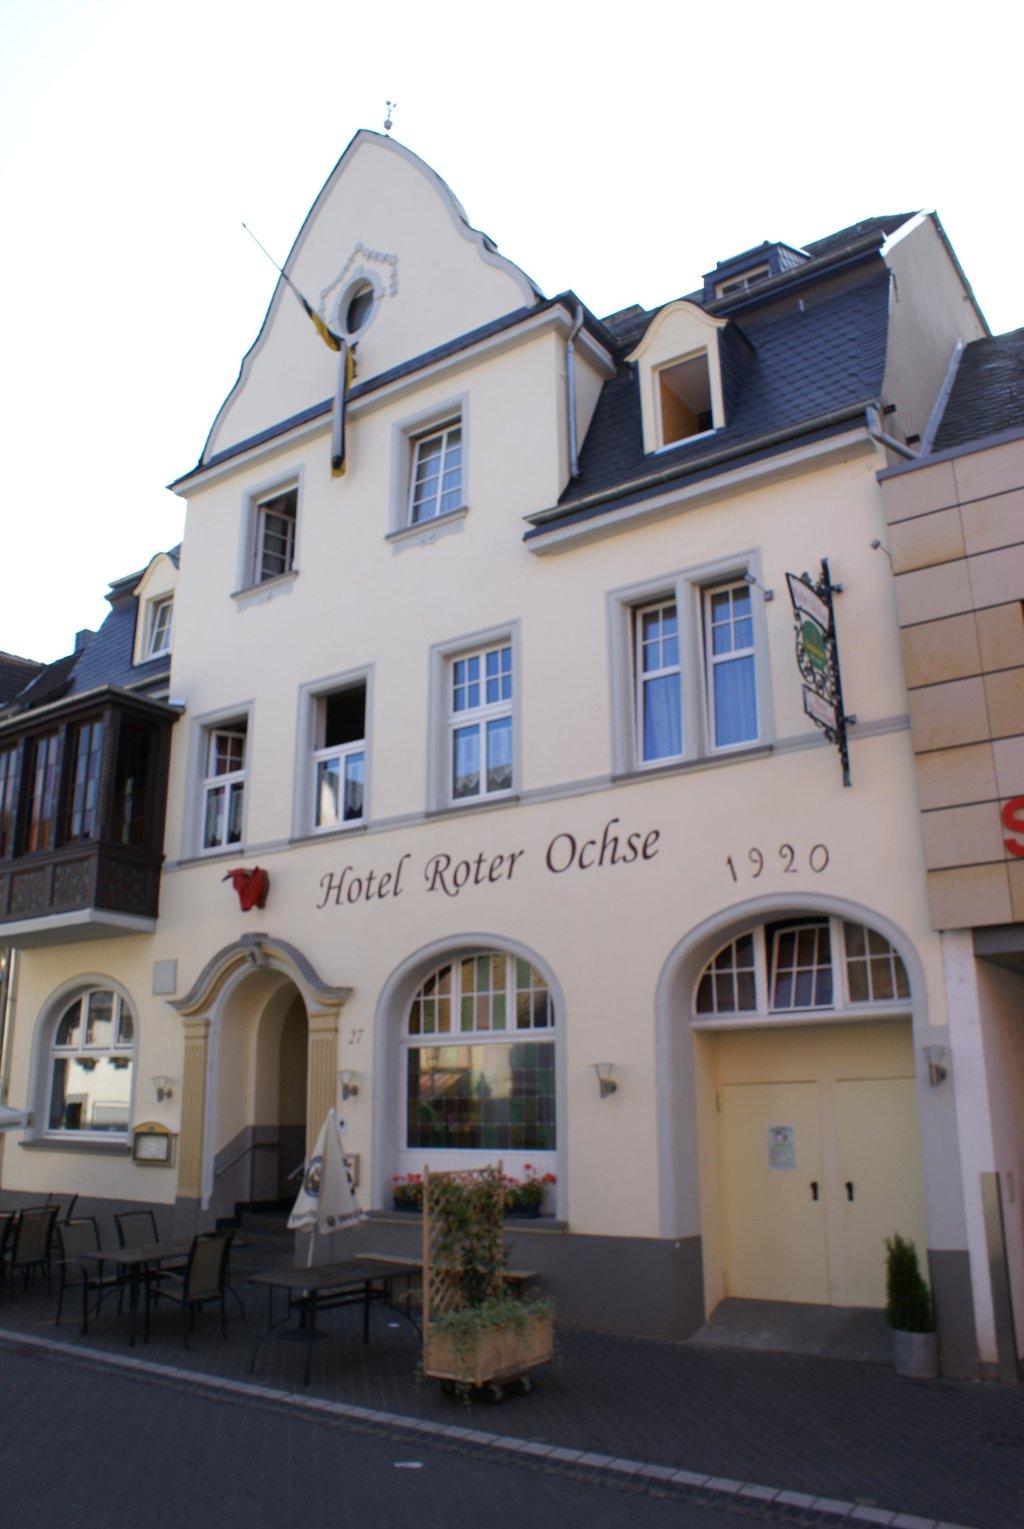 Hotel Roter Ochse